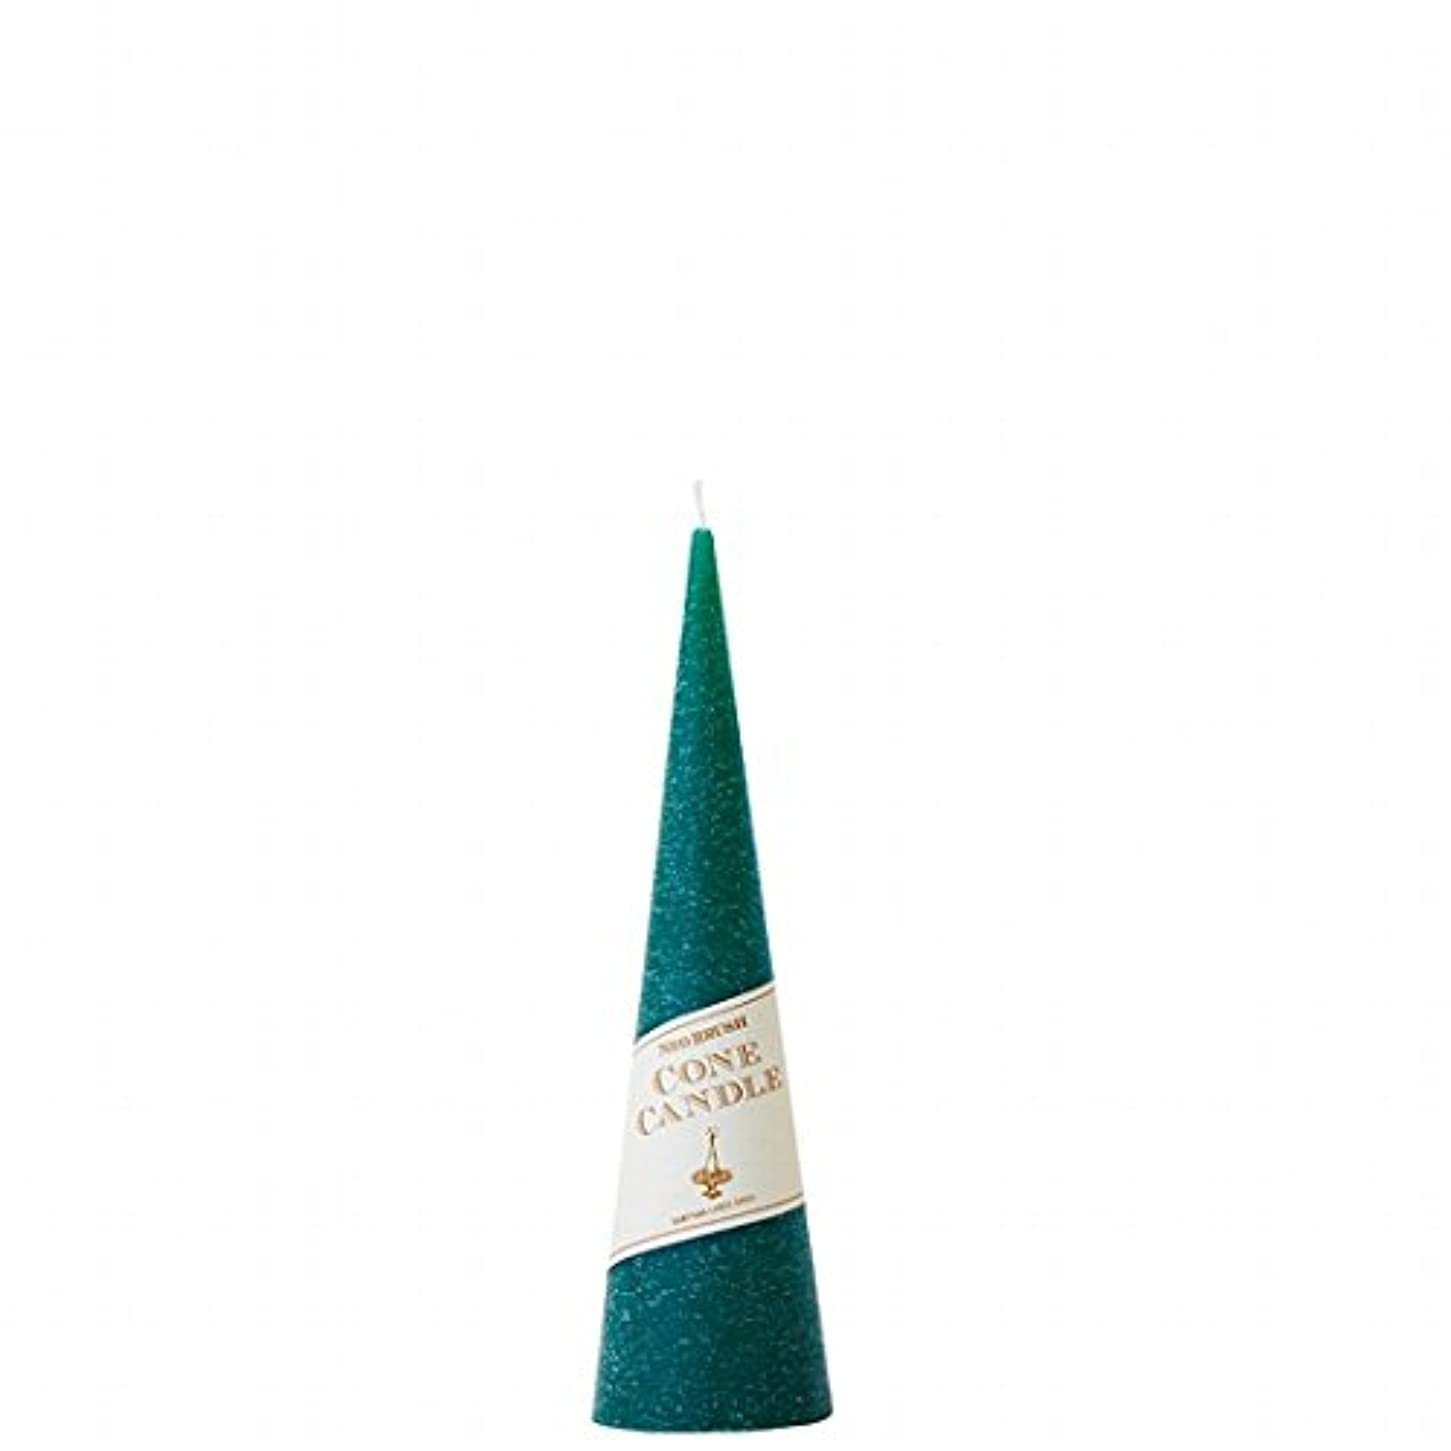 休暇地理頂点カメヤマキャンドル(kameyama candle) ネオブラッシュコーン 180 キャンドル 「 グリーン 」